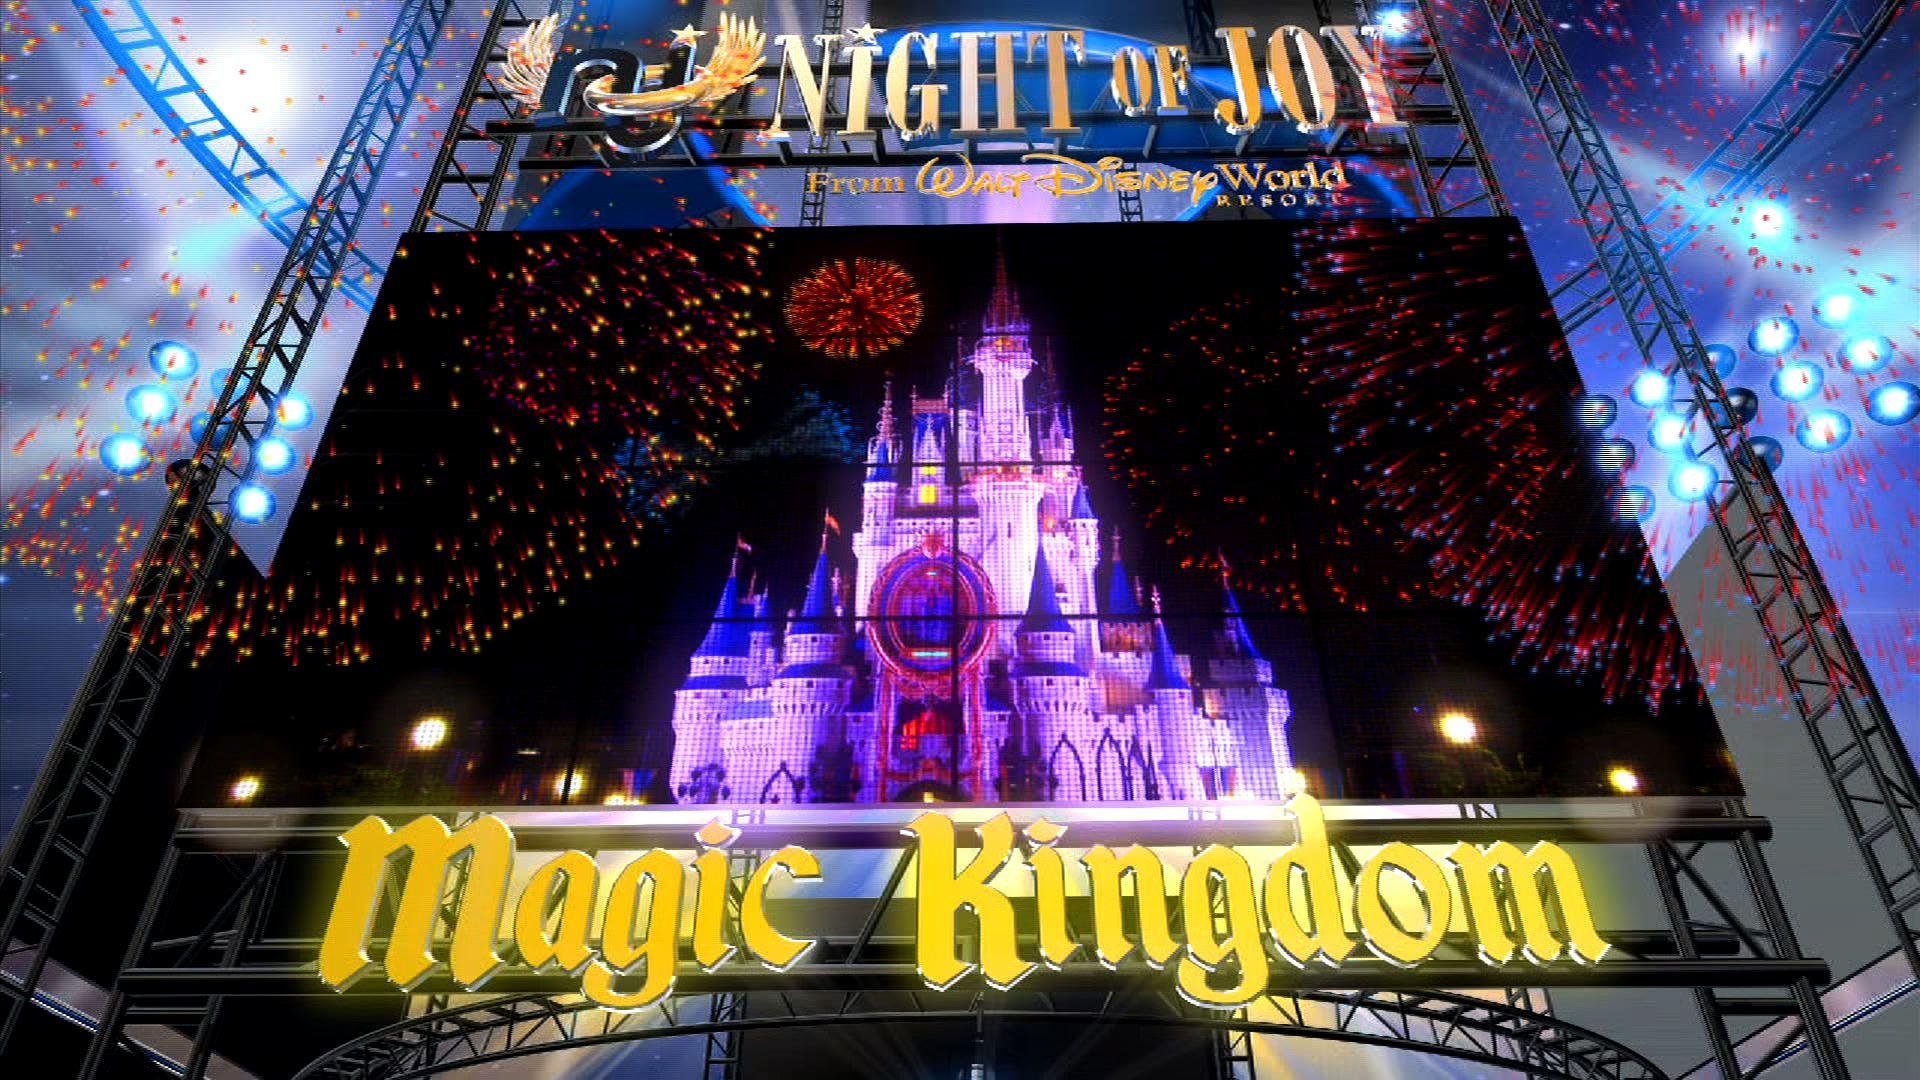 Night Of Joy.JPG